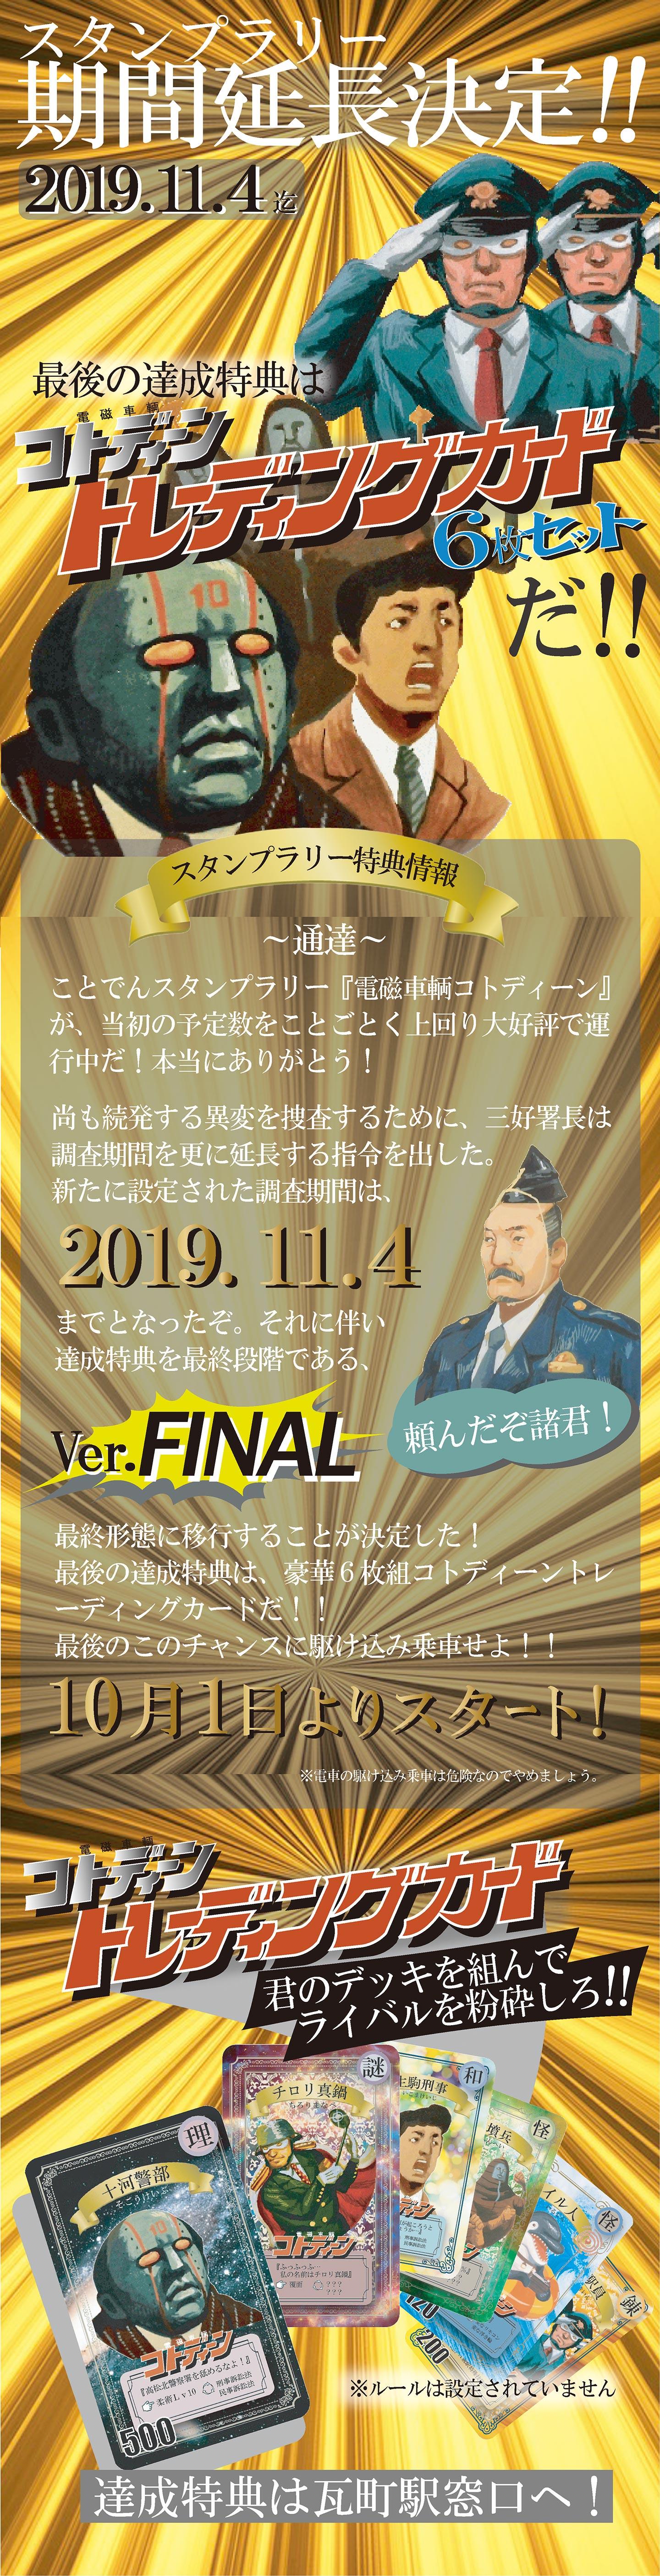 スタンプラリー延長決定!!最後の達成特典はトレーディングカード6枚セット!!